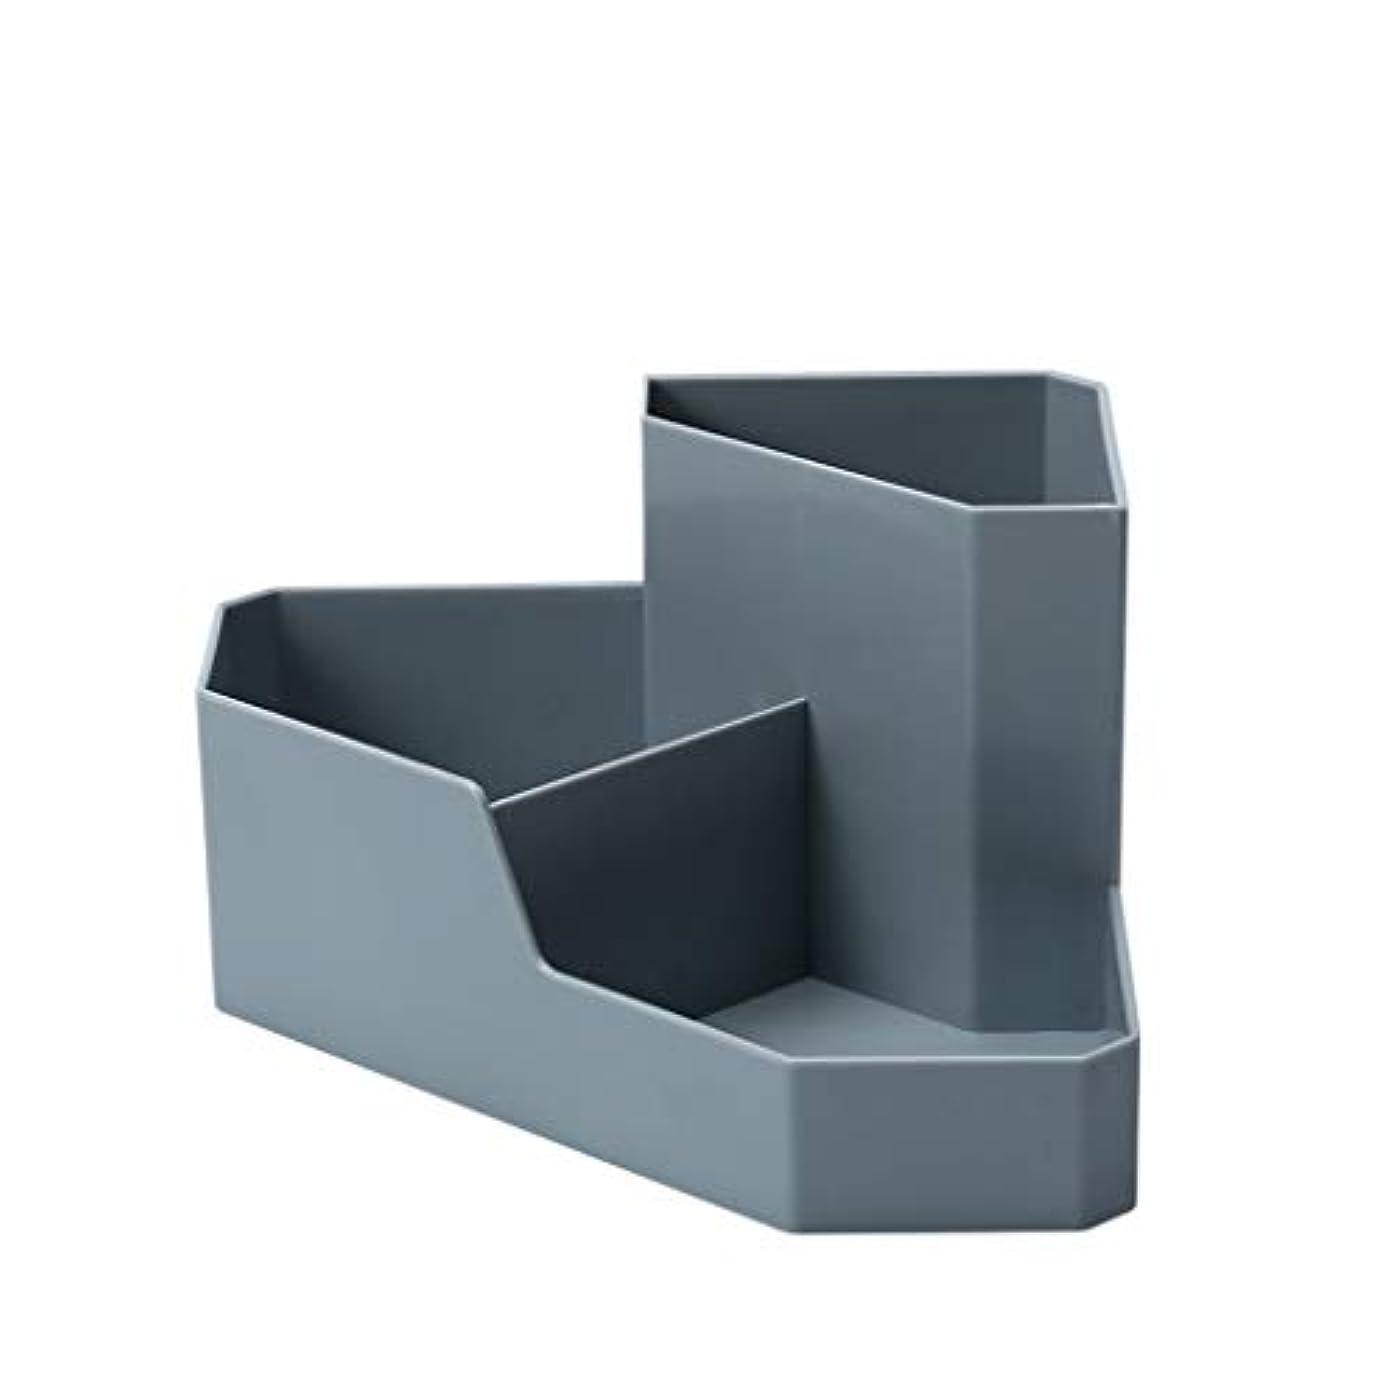 つまずく馬力印刷する化粧品収納ボックスコーナーフレームデスクトップマルチカラー化粧ブラシペンホルダー寮置き文房具ゴミ選別ボックス (Color : Gray)